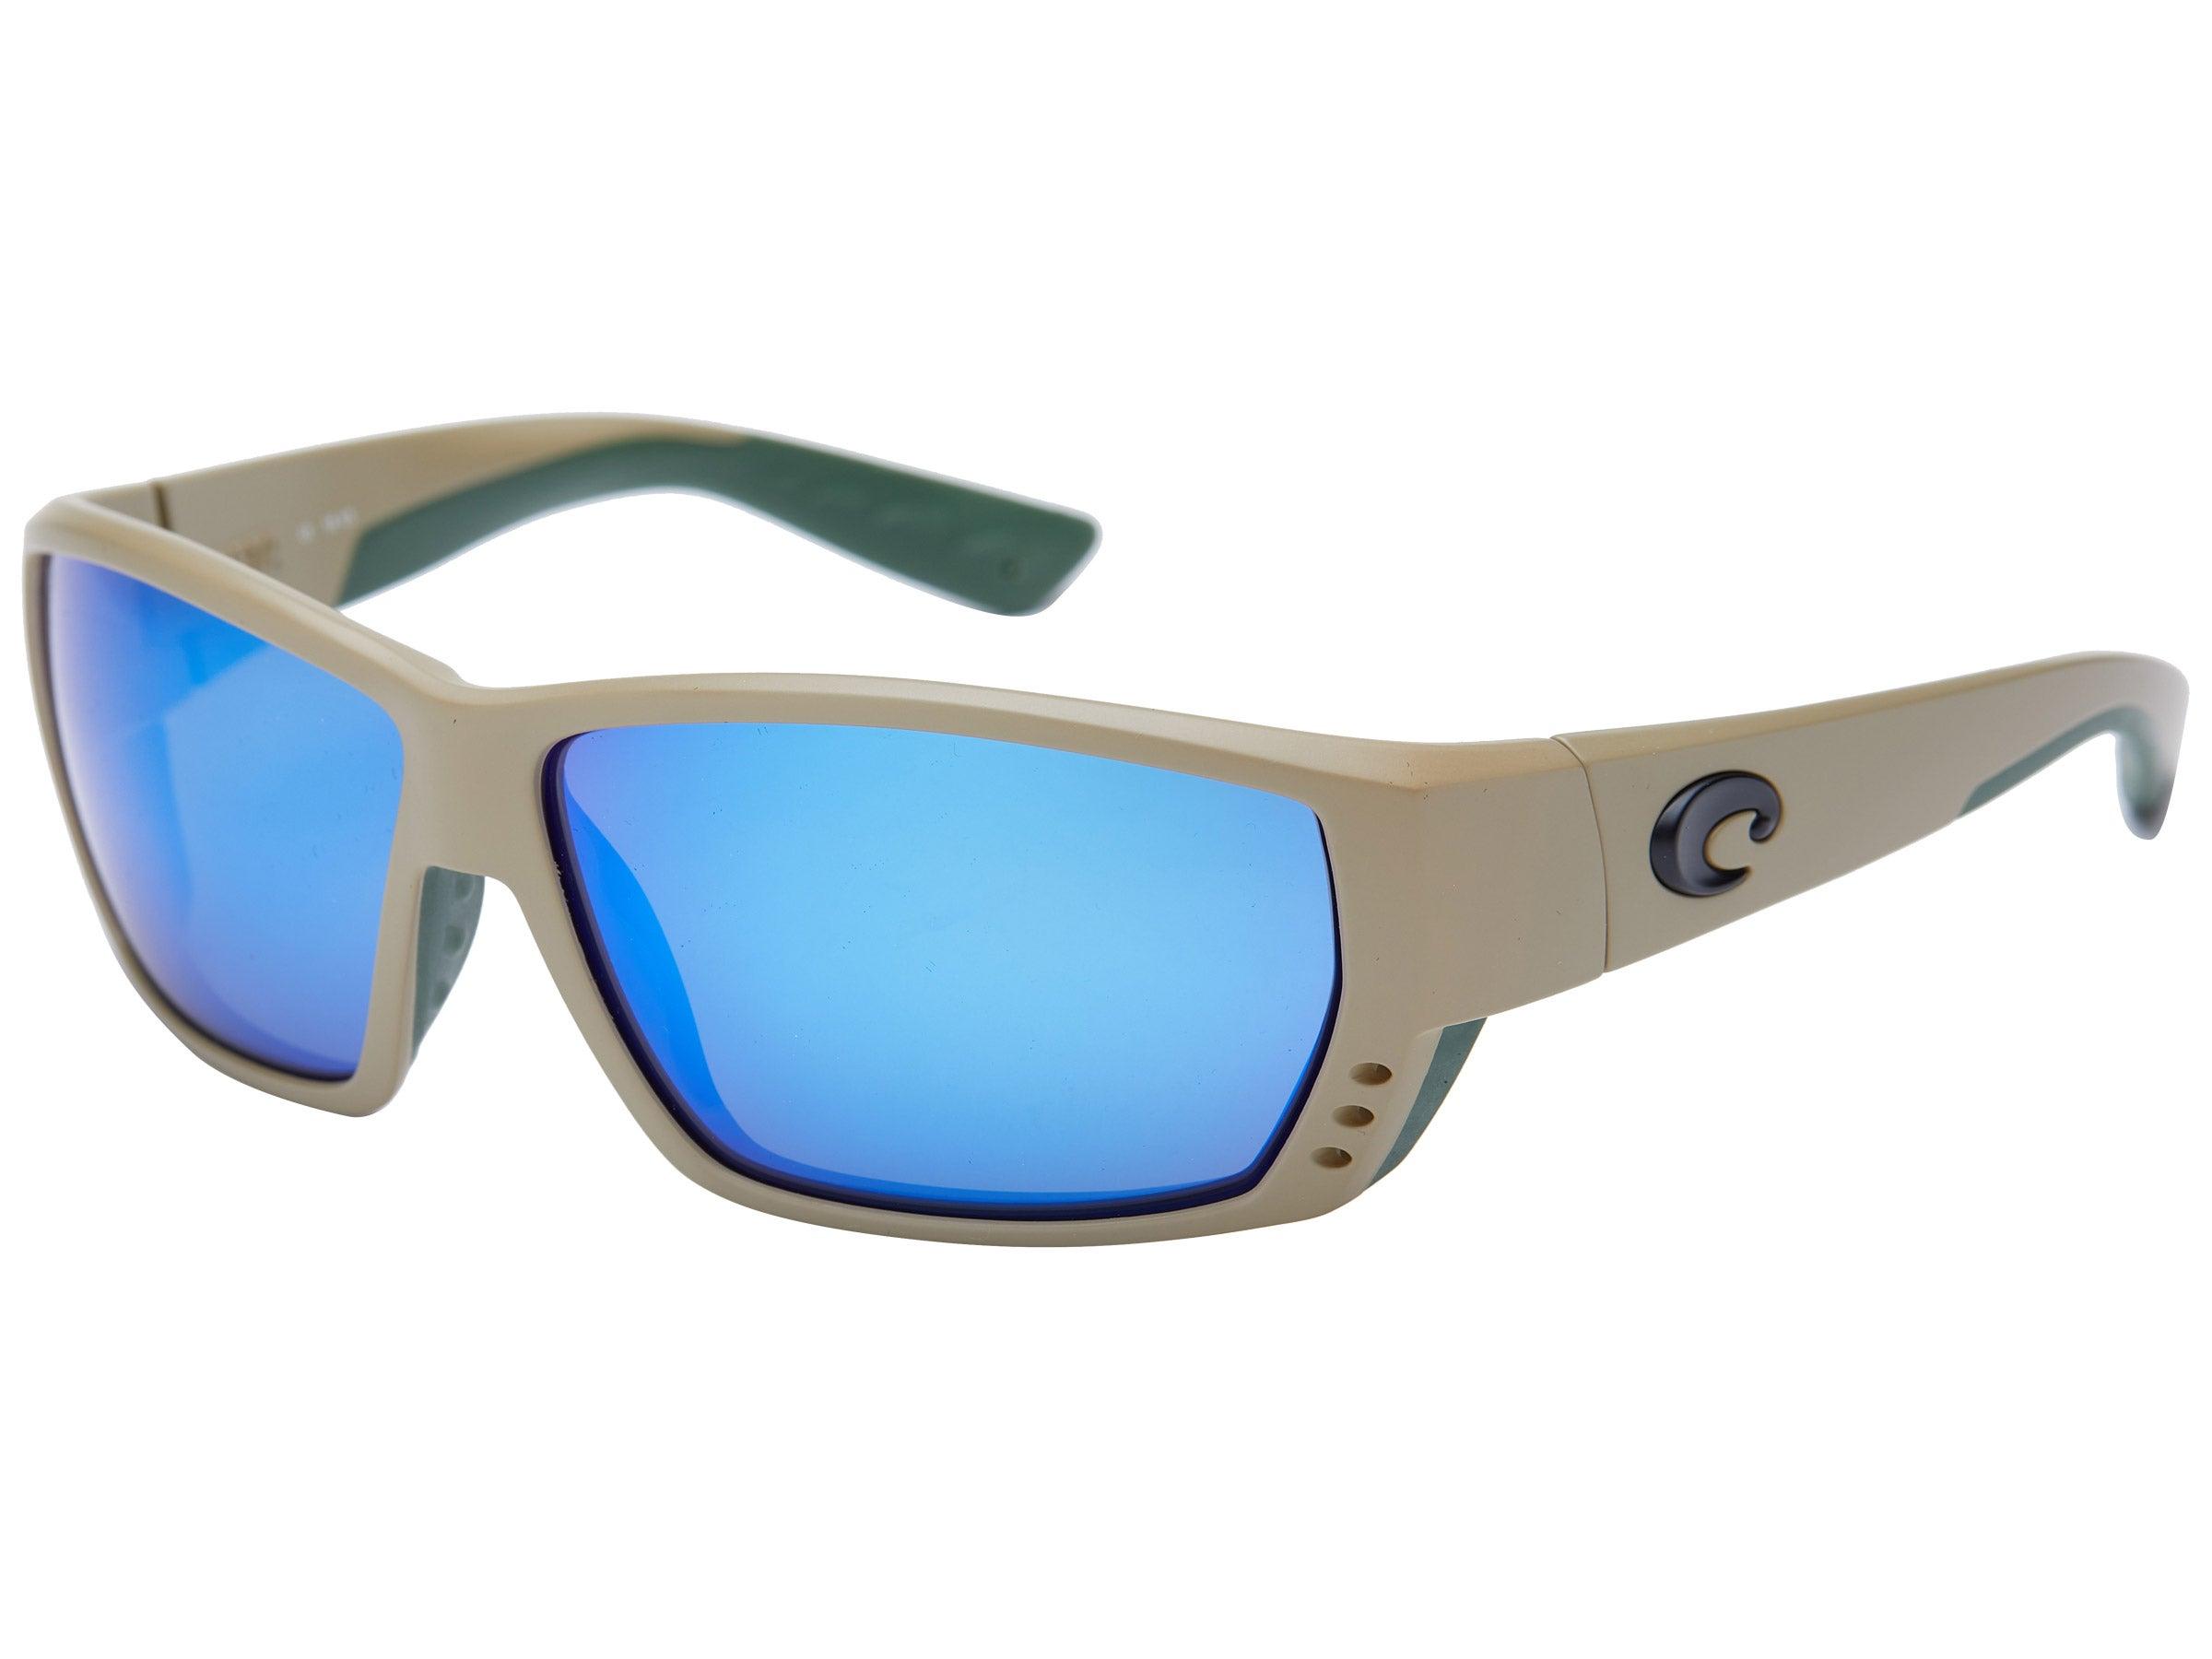 ad19e5dd0395 Costa Del Mar Tuna Alley Sunglasses - Tackle Warehouse